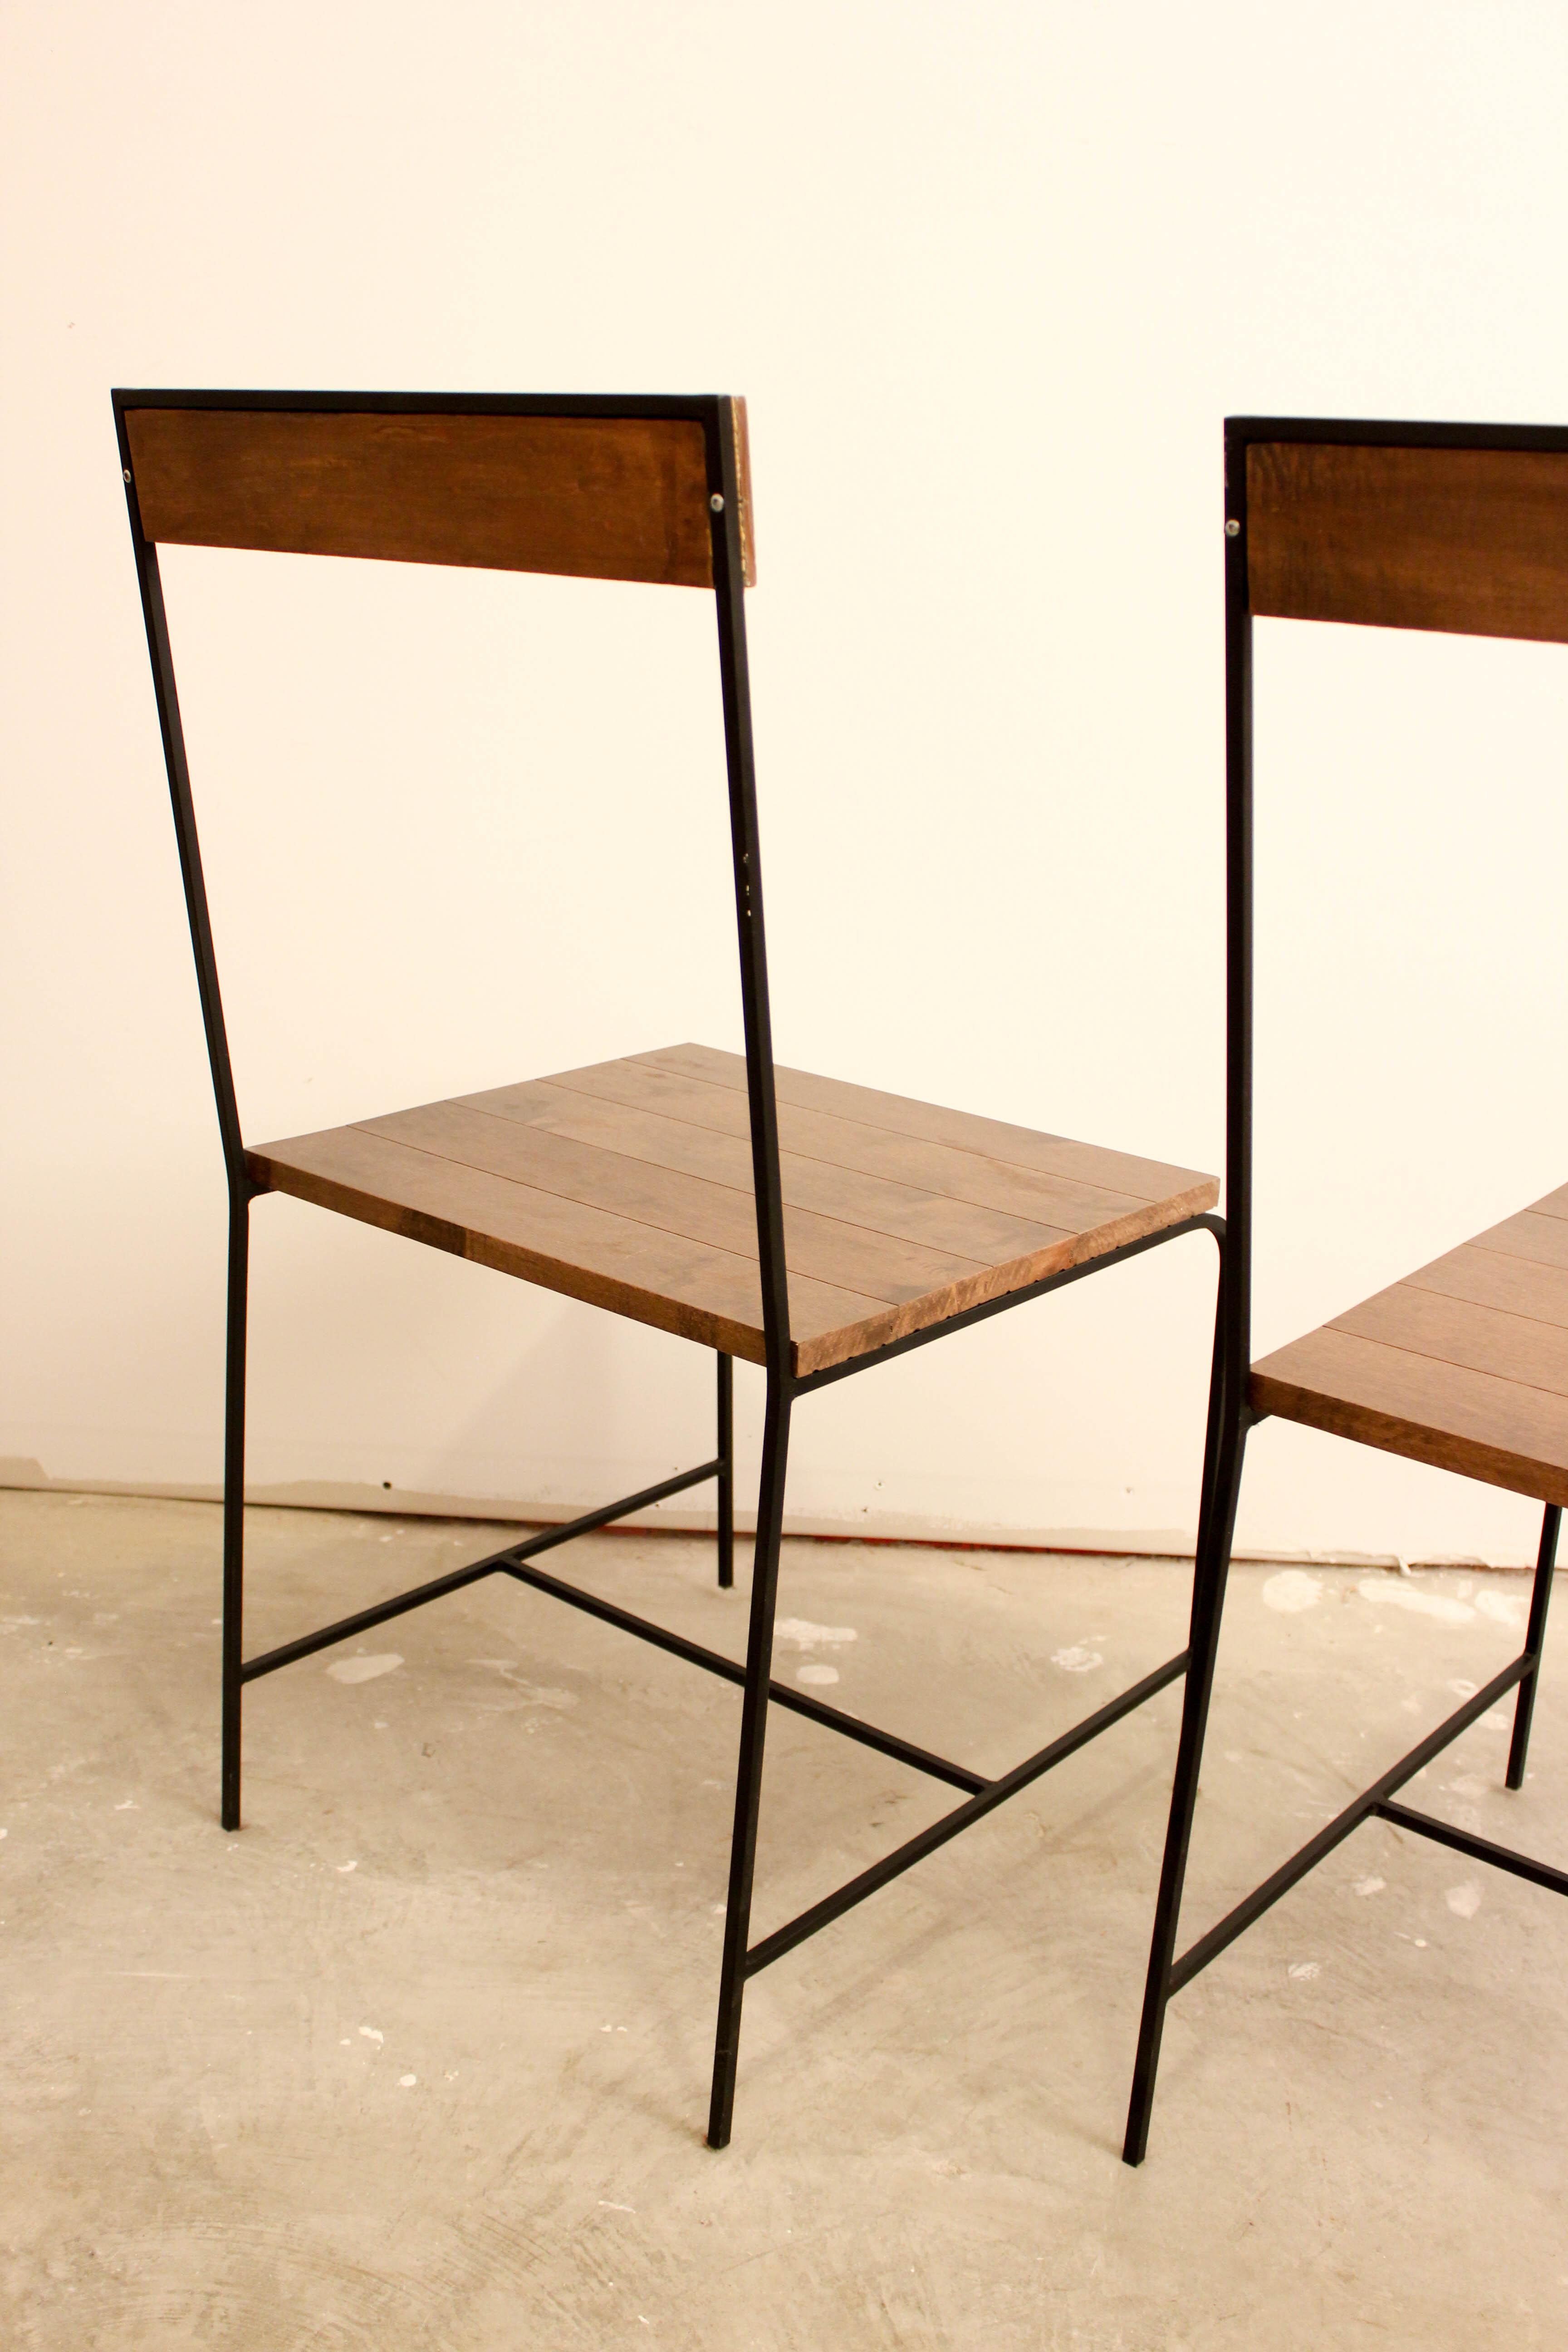 meubles roll 4-11